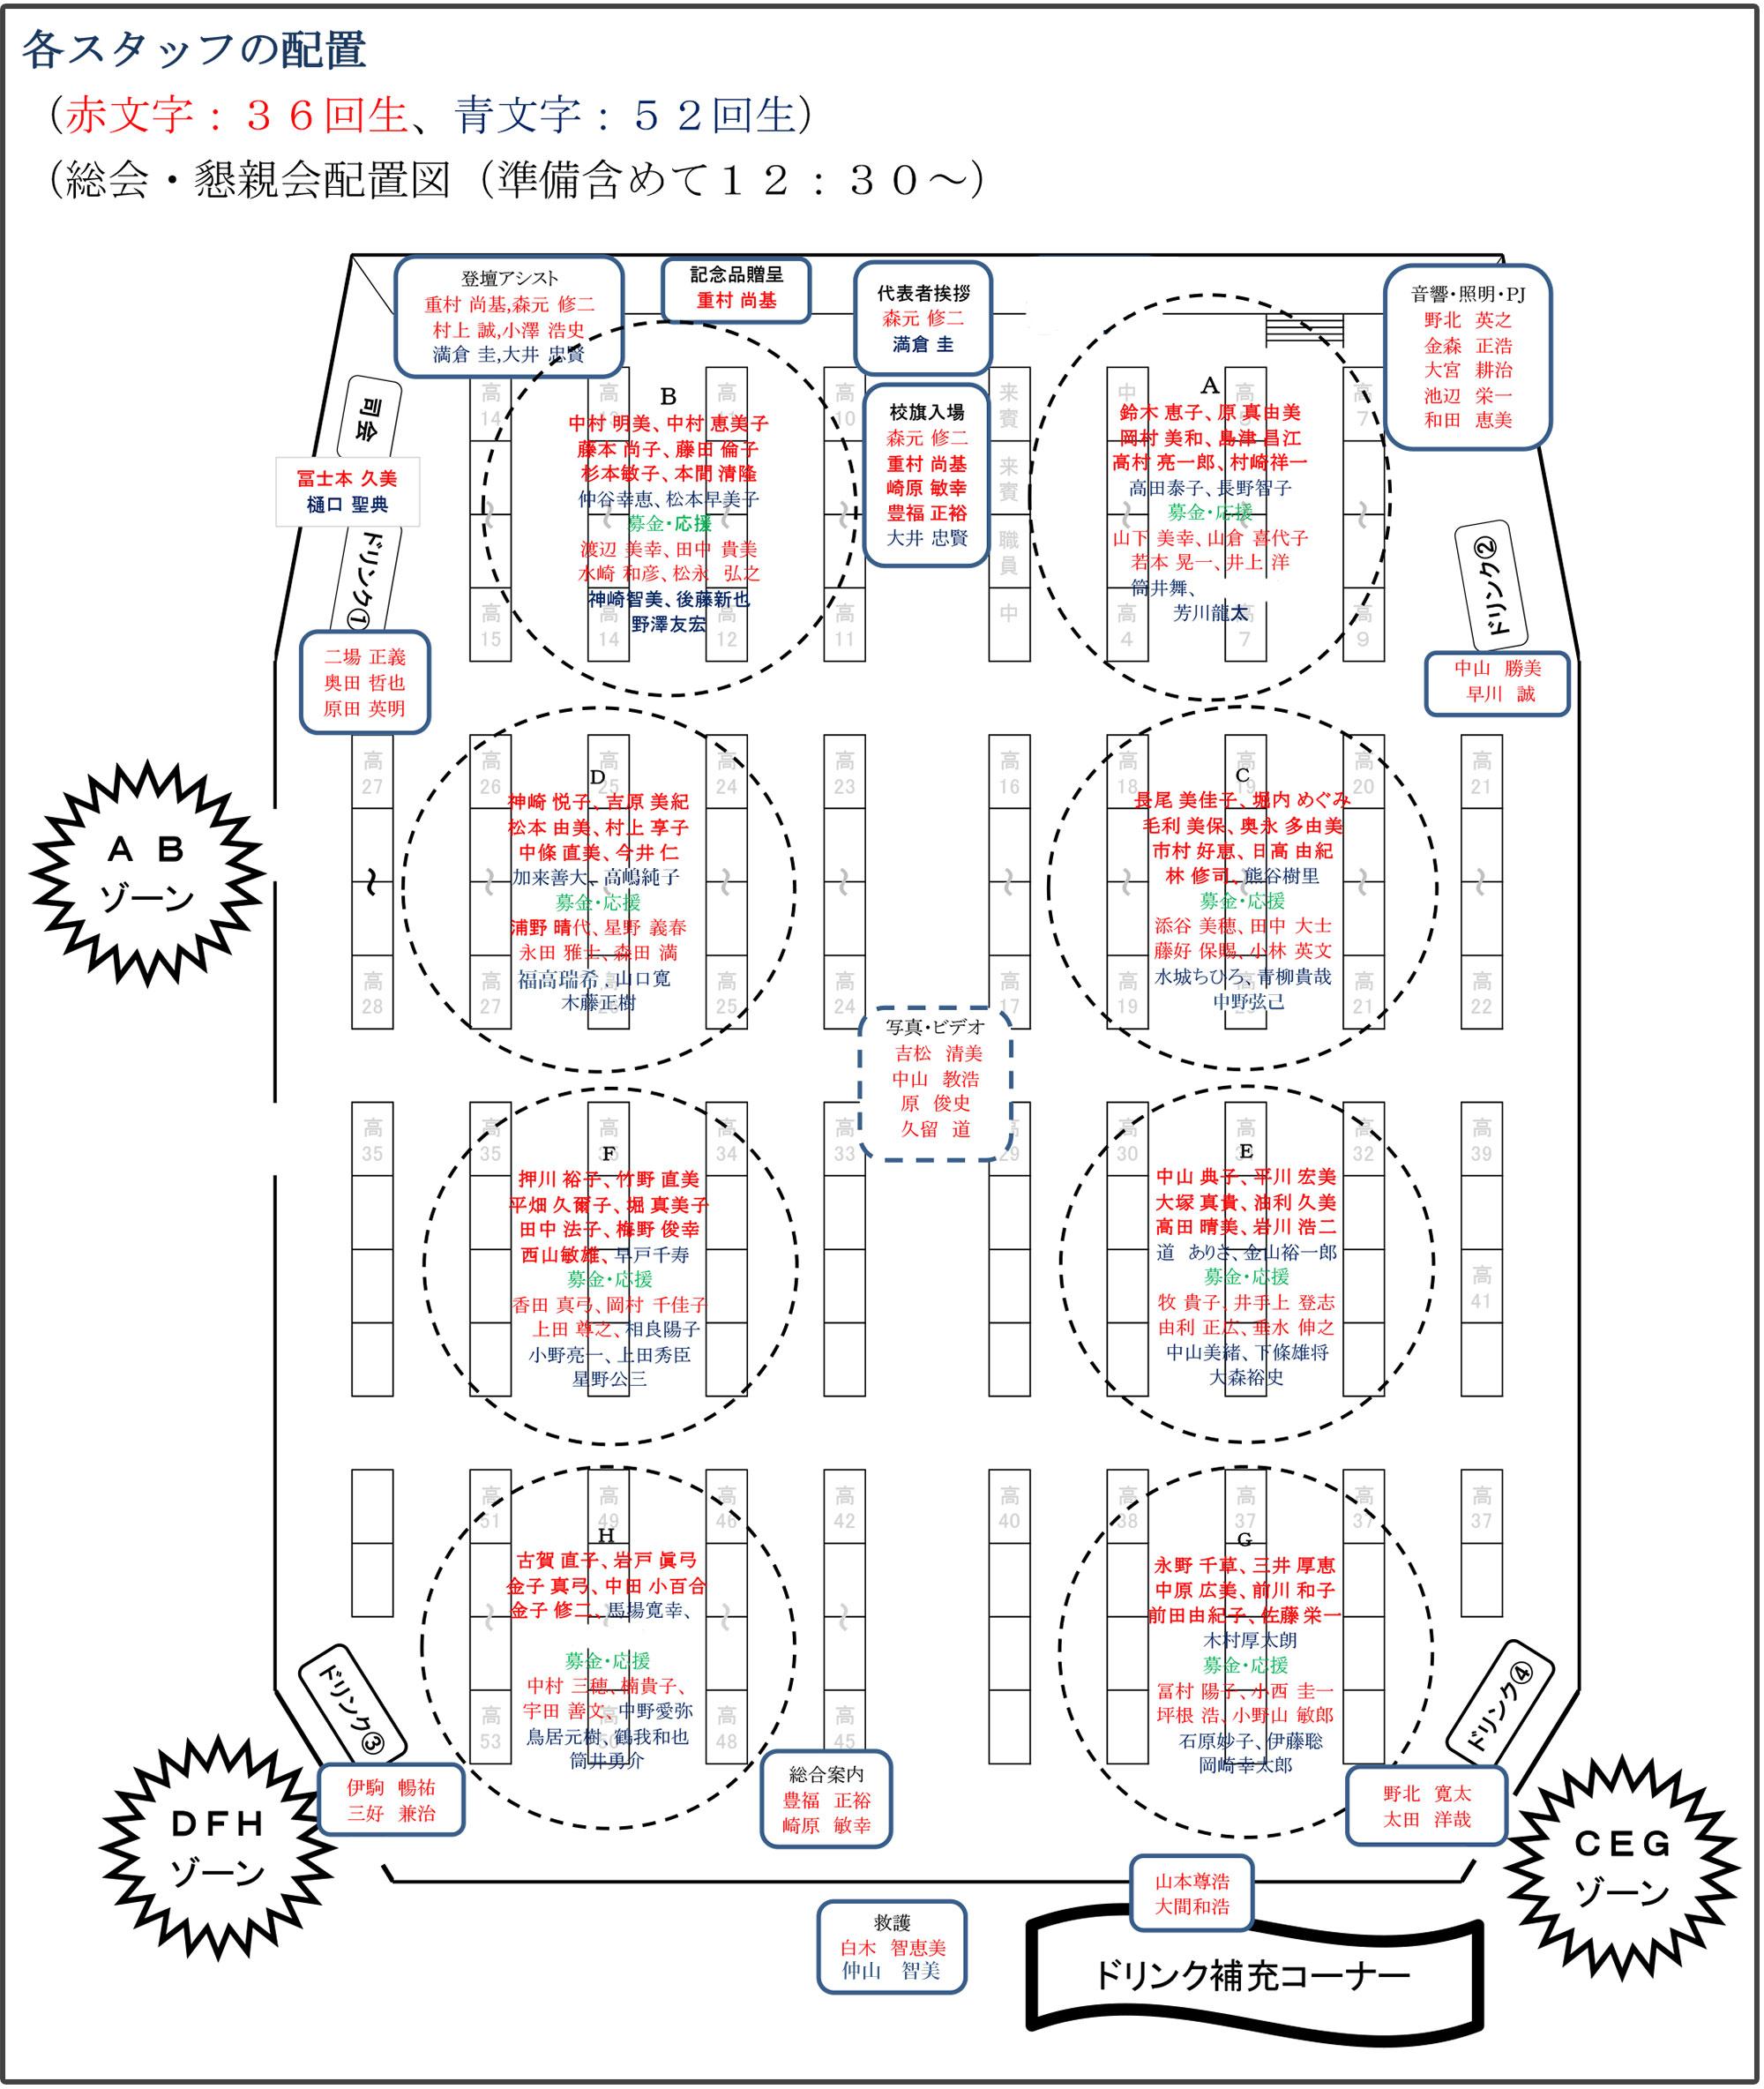 記念講堂ホール内スタッフの配置(撮影班・中山君提供資料)